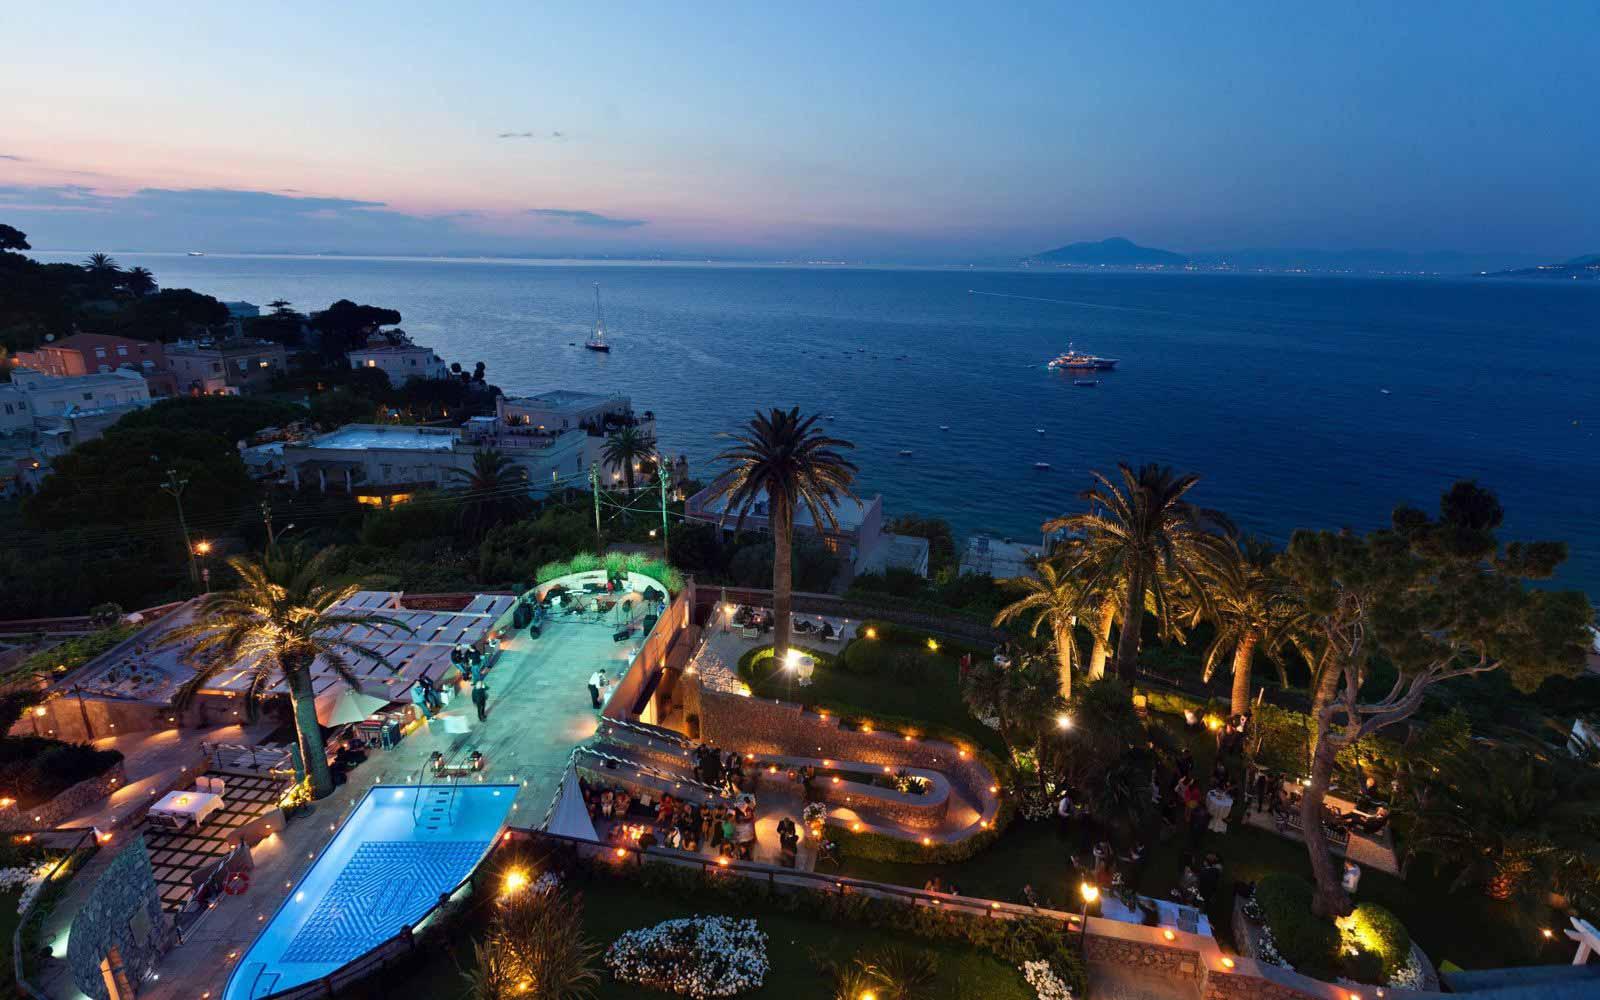 Overview of Villa Marina Capri Hotel & Spa